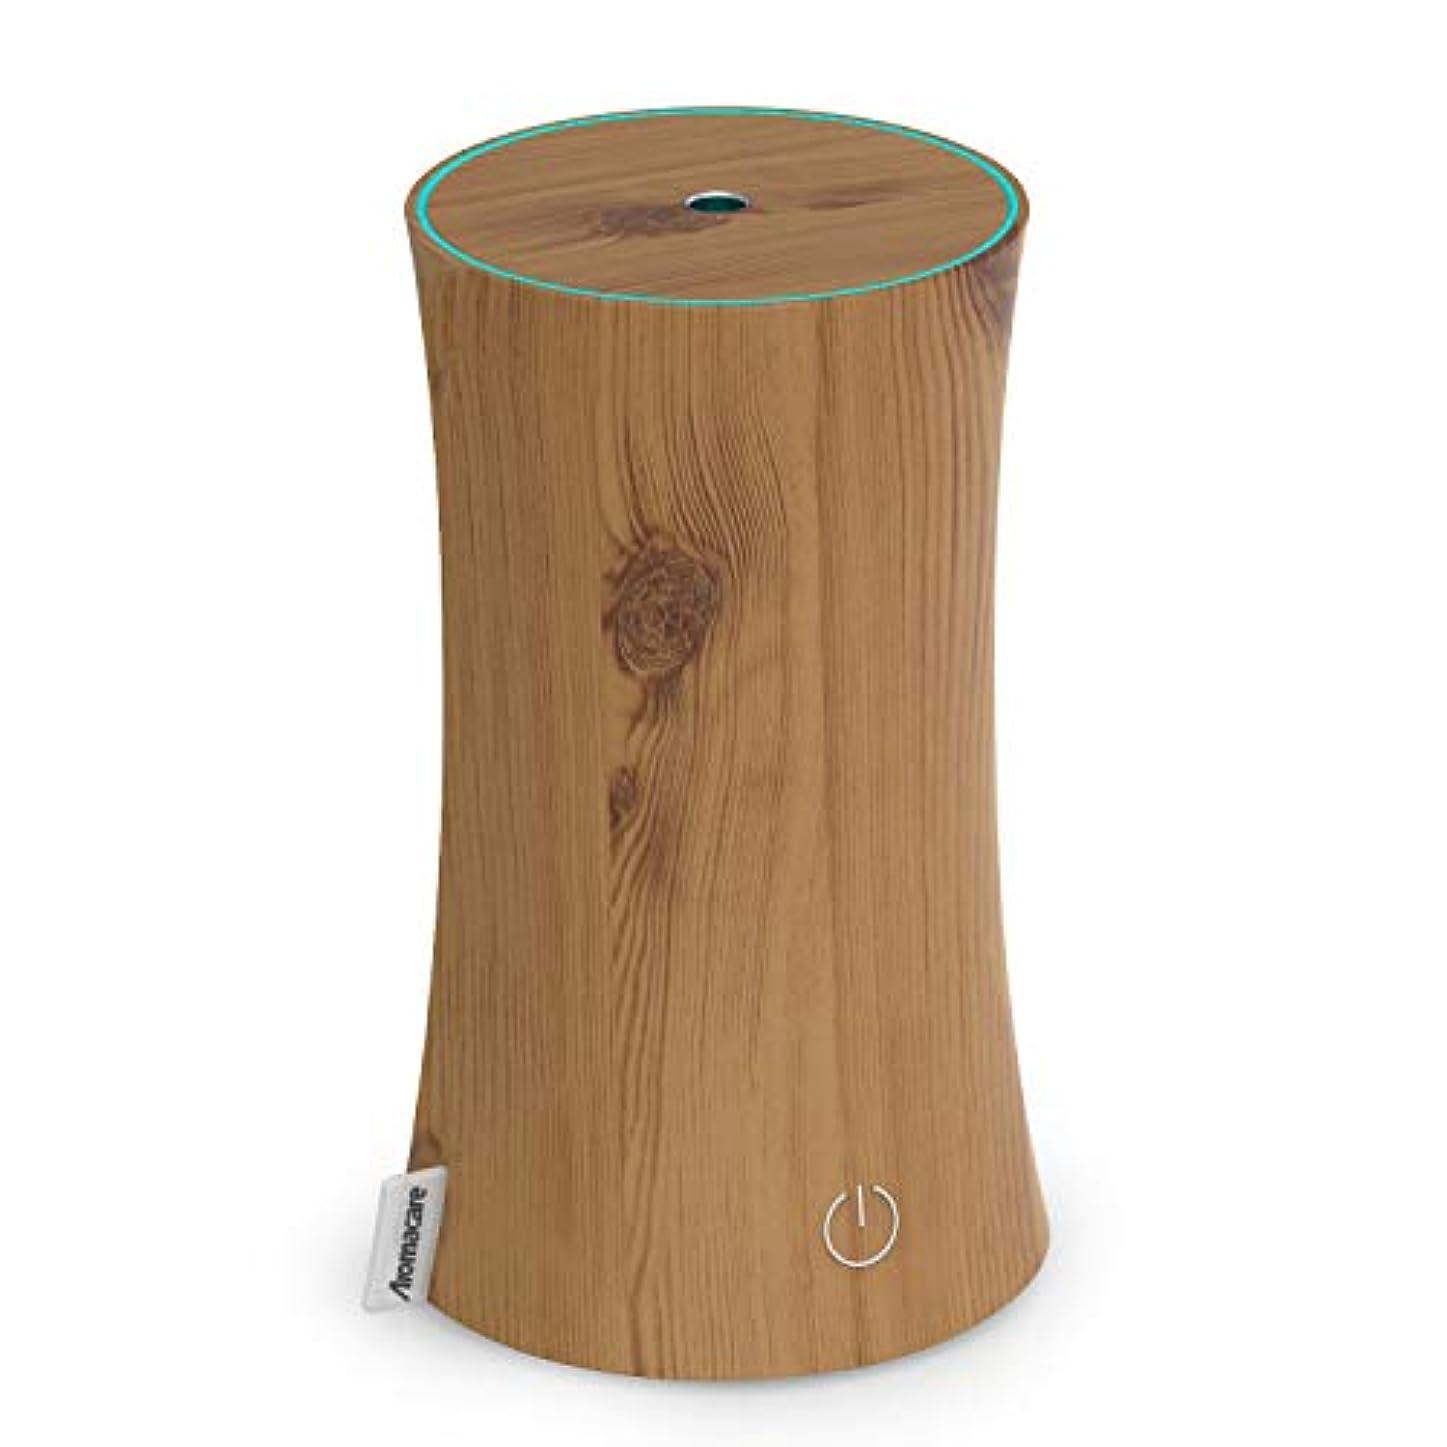 テセウス忠誠約束するアロマディフューザー 卓上加湿器 センサー付き 超音波式 空焚き防止 低騒音 300ml 連続運転 各場所用 省エネ 木目調 木の色